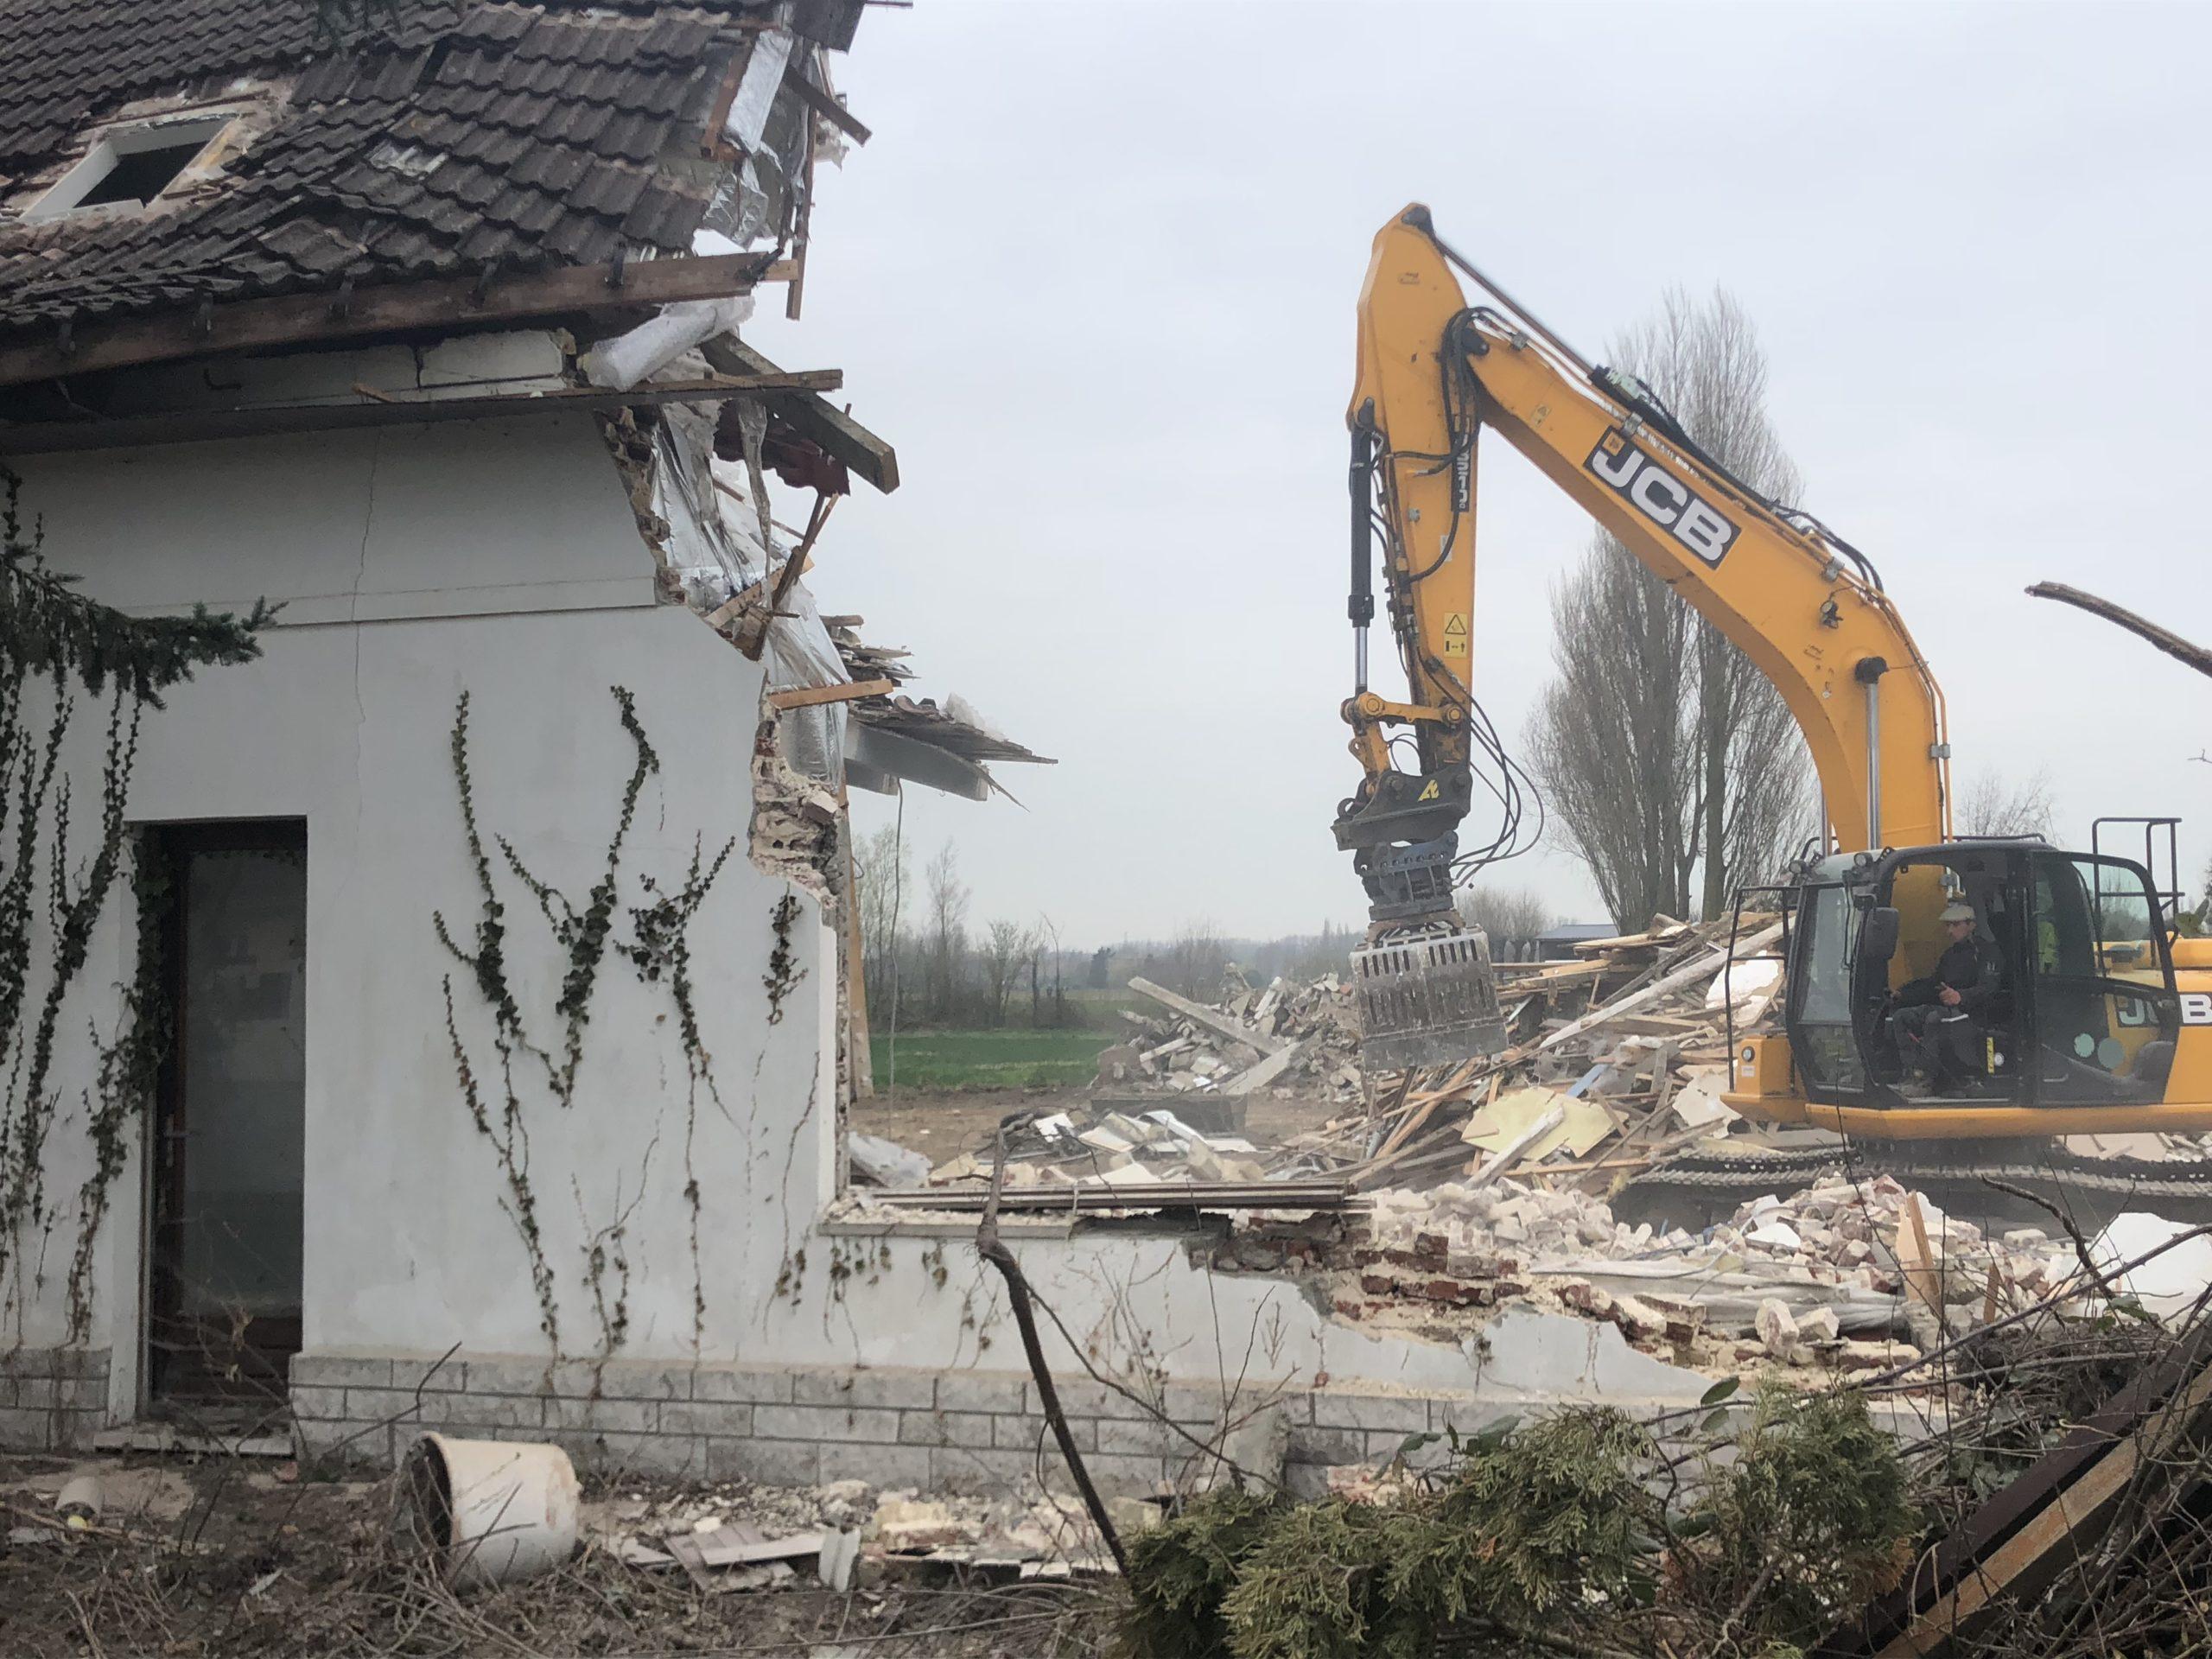 démolition d'une maison 3 DELBENDE TRAVAUX